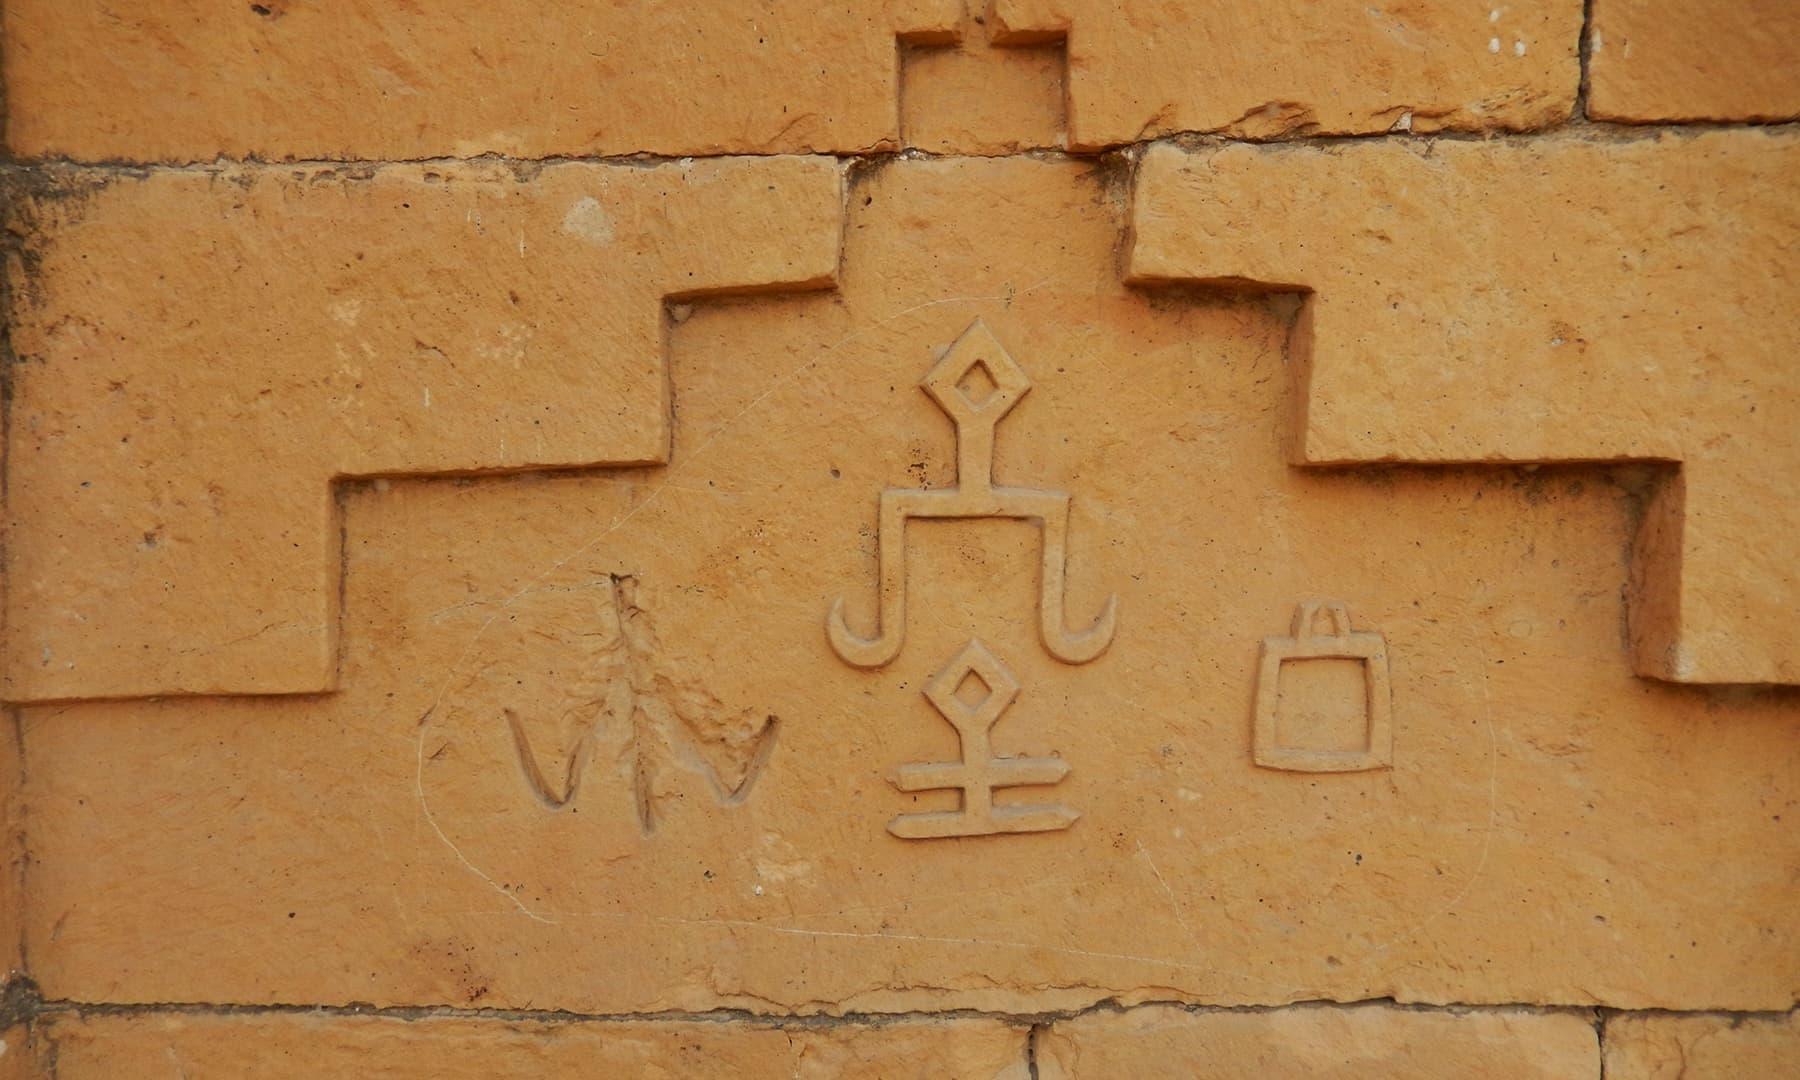 محراب کے شمال کی طرف والی دیوار پر کچھ عجیب قسم کے نشانات تراشے گئے ہیں— تصویر ابوبکر شیخ